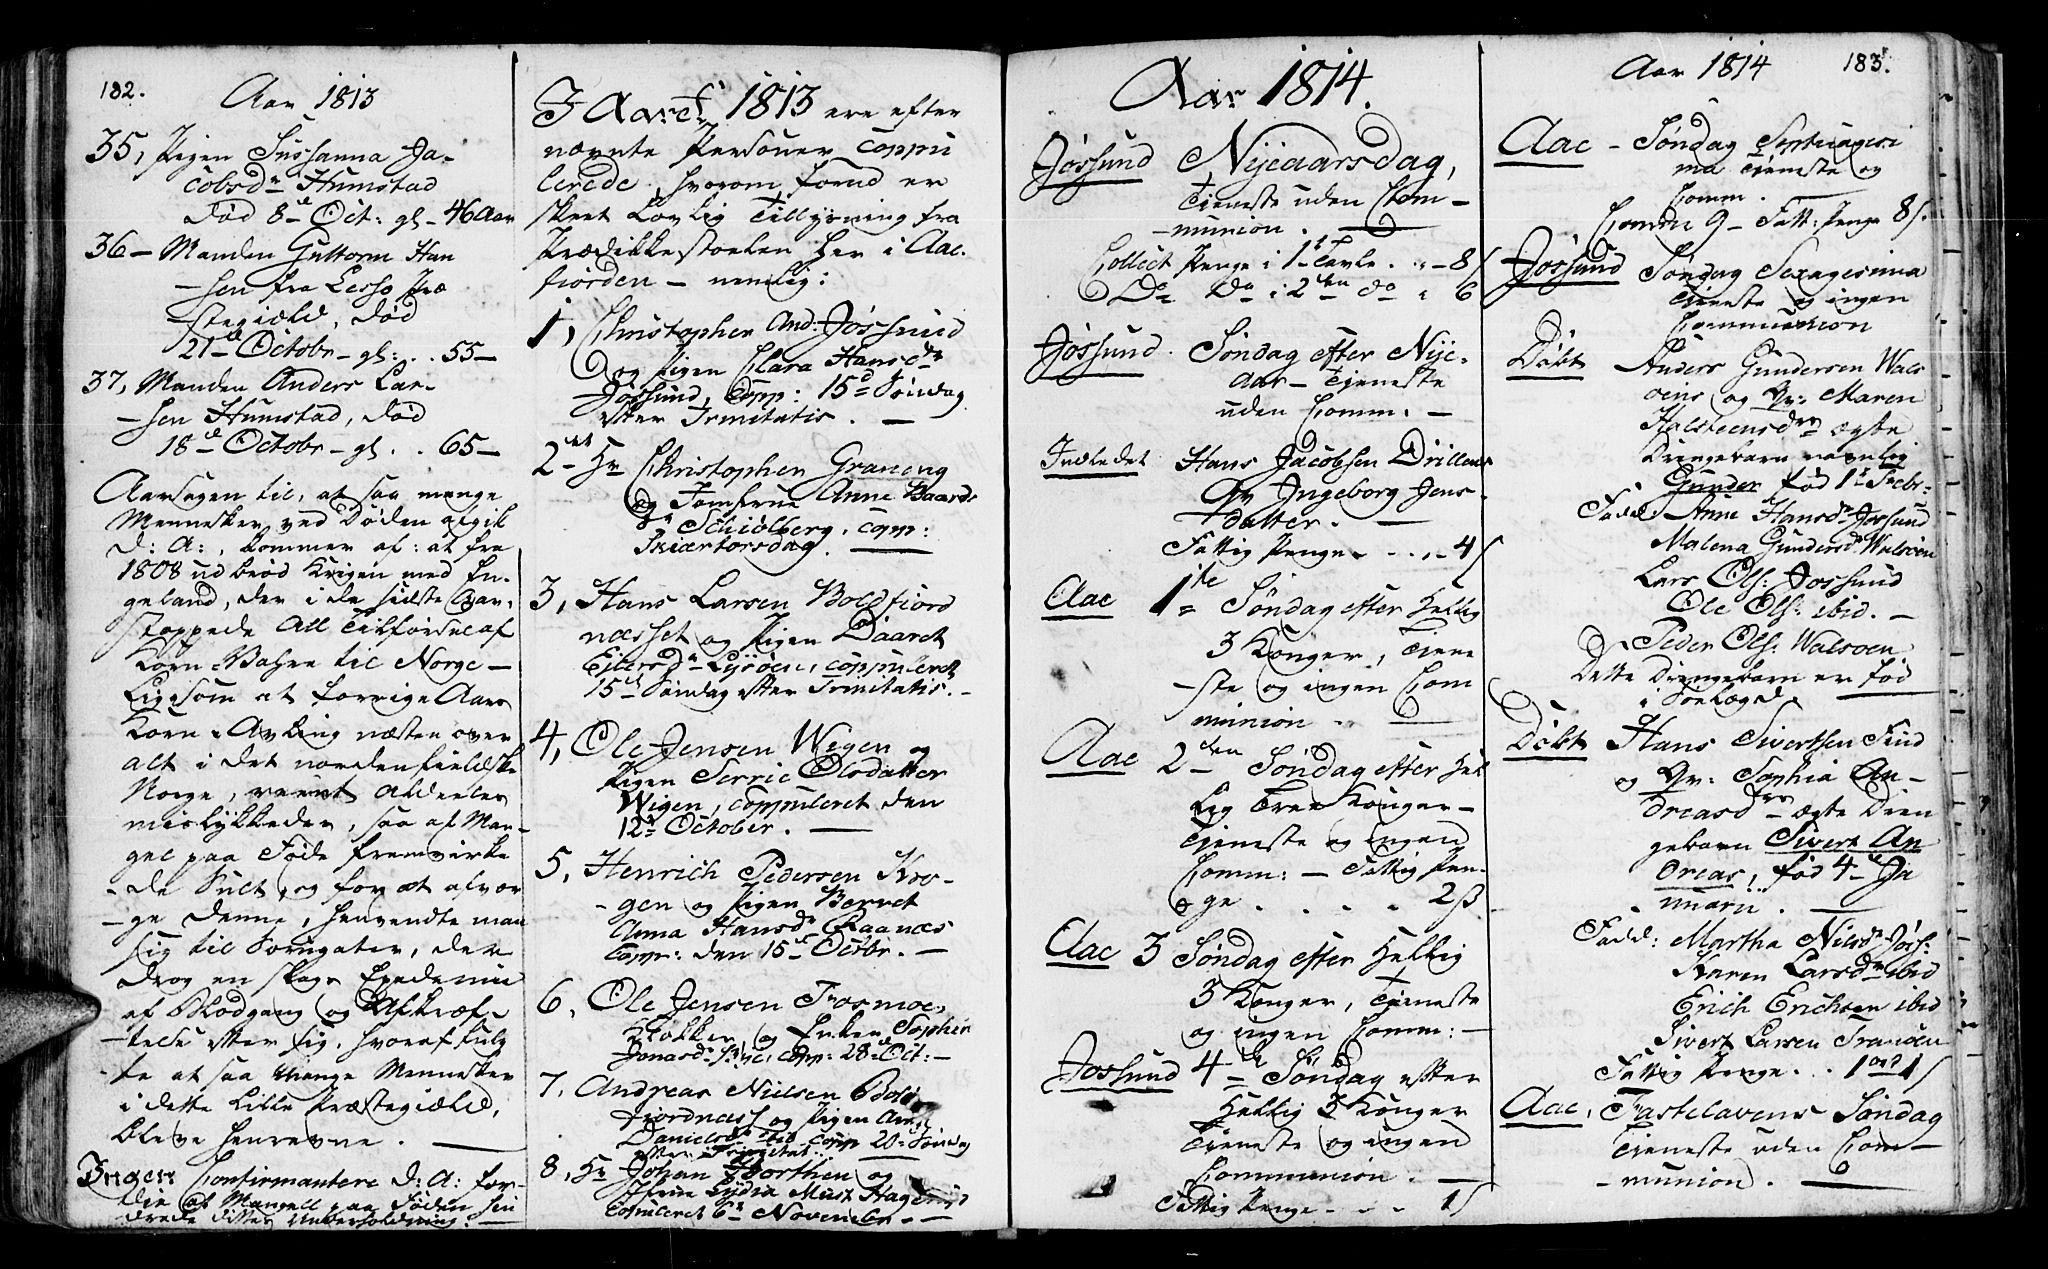 SAT, Ministerialprotokoller, klokkerbøker og fødselsregistre - Sør-Trøndelag, 655/L0674: Ministerialbok nr. 655A03, 1802-1826, s. 182-183